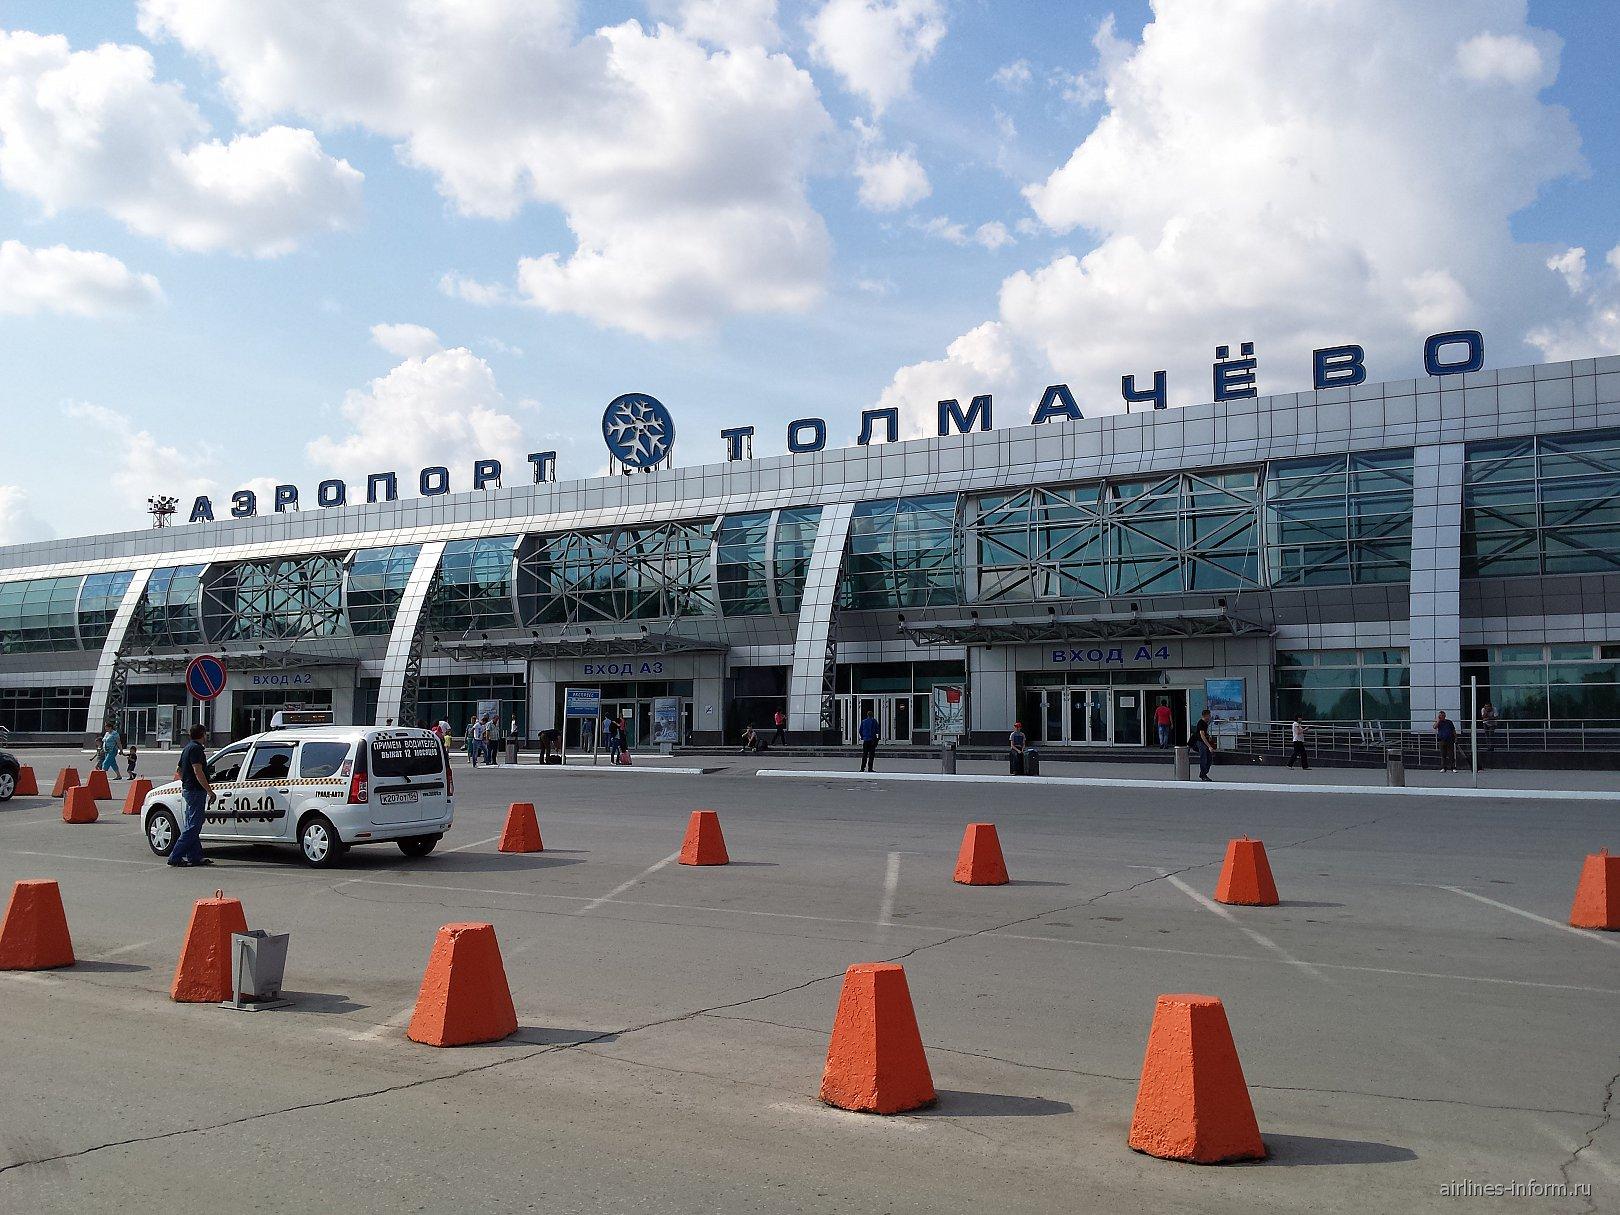 Терминал А внутренних линий аэропорта Новосибирск Толмачево